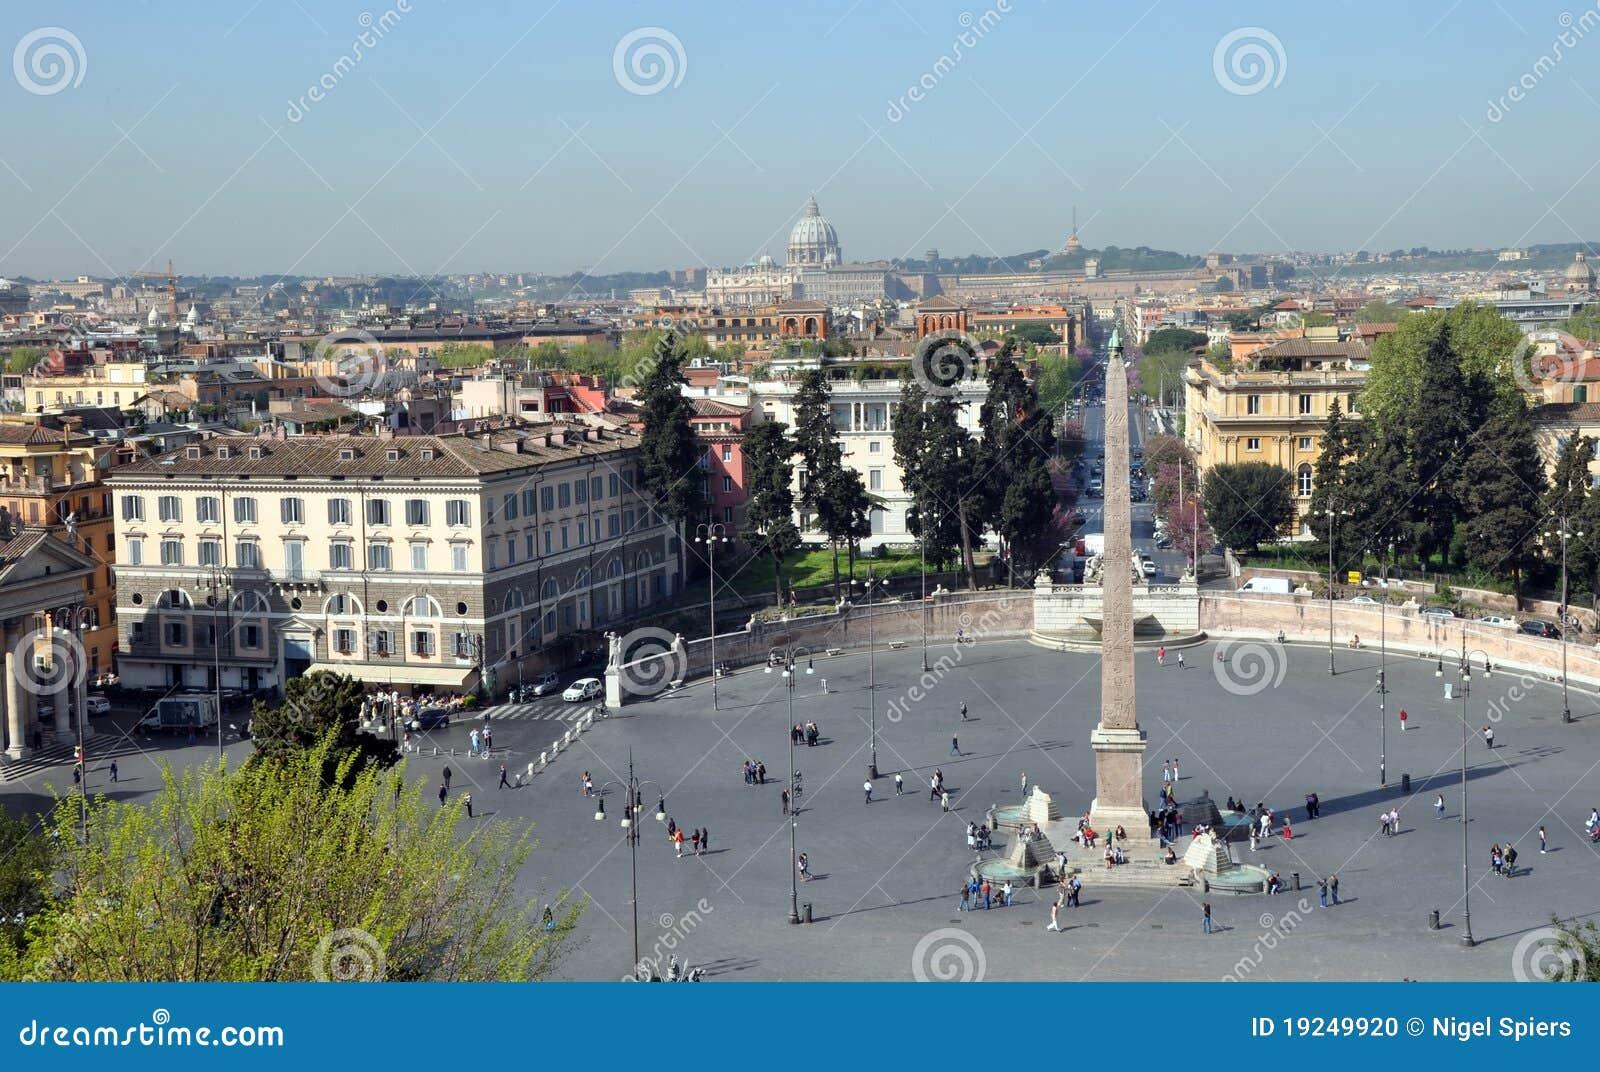 Borghese Gardens Rome Tickets Garden Ftempo